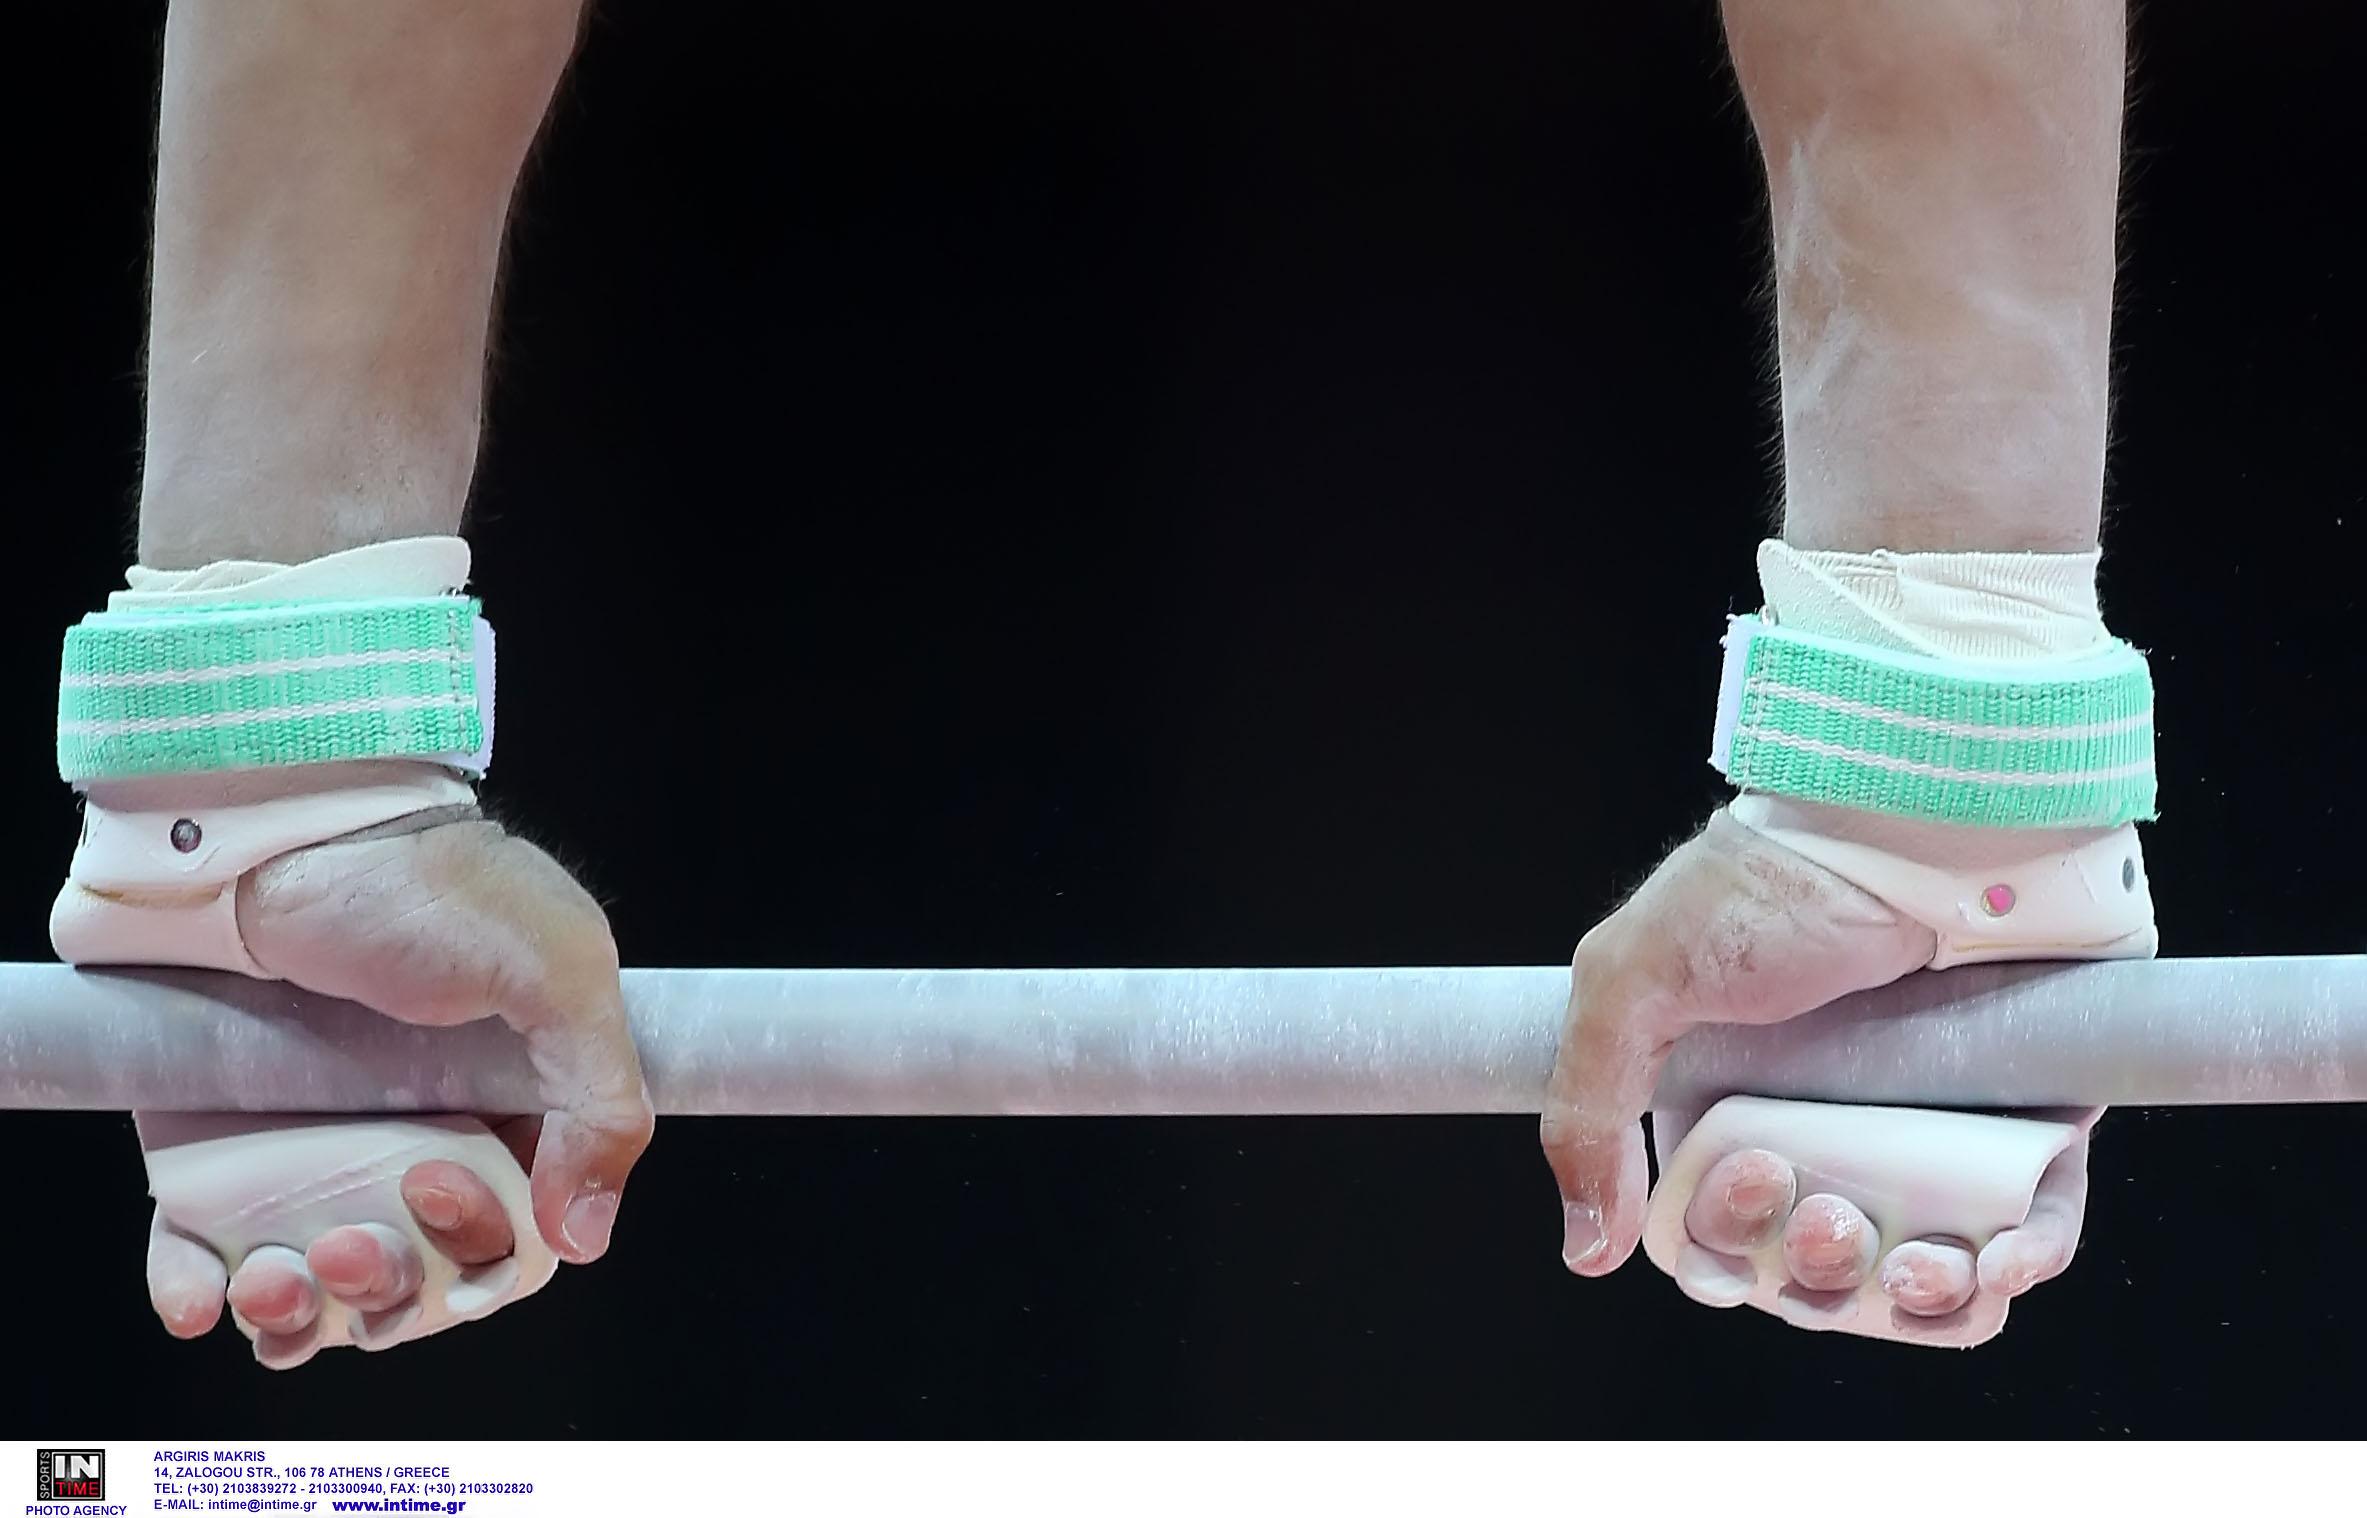 Ενόργανη γυμναστική: Εισαγγελική παρέμβαση για τις σοκαριστικές καταγγελίες